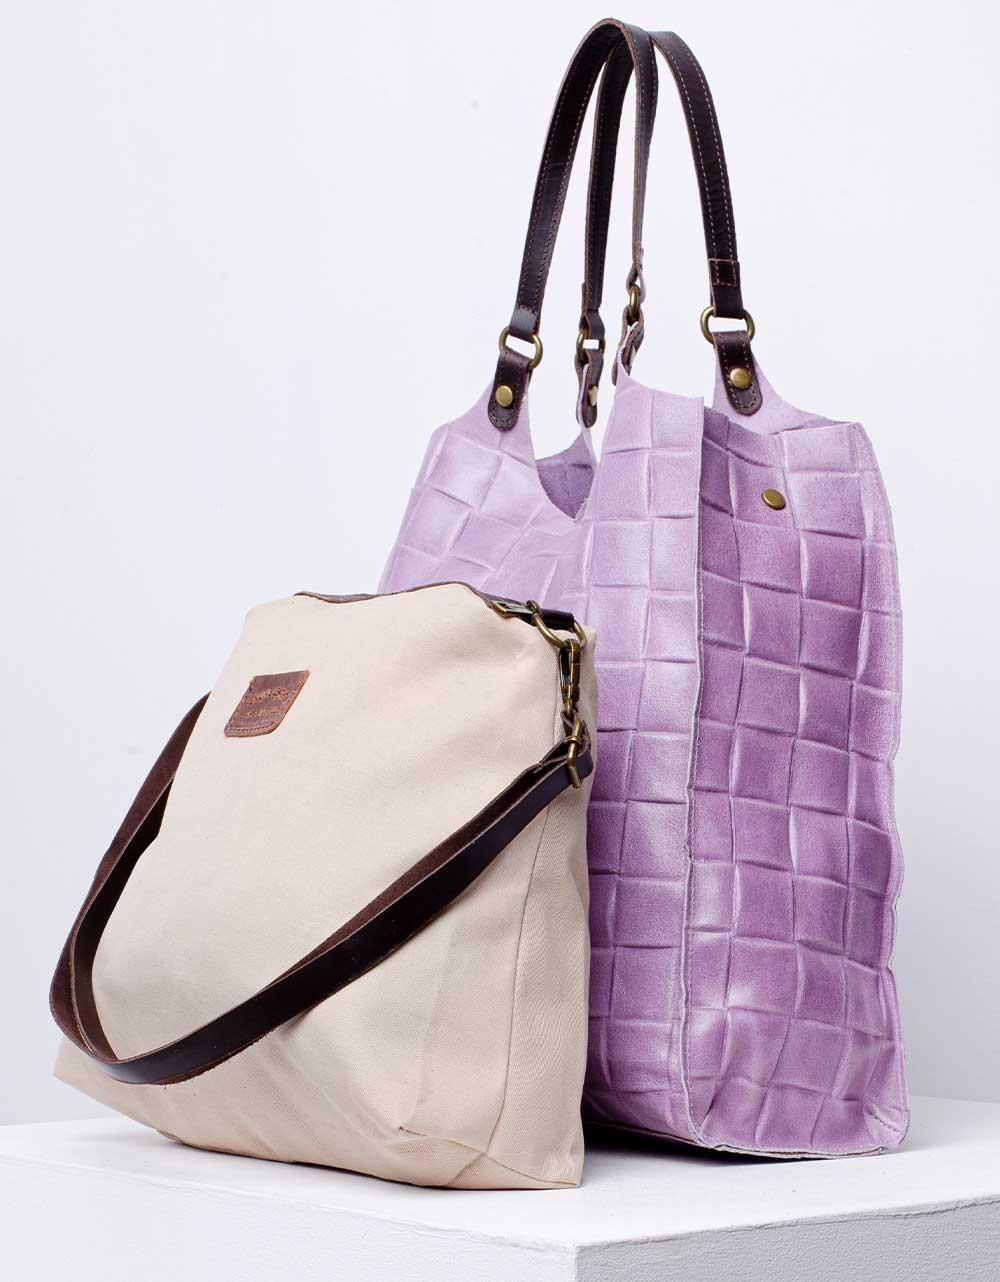 Εικόνα από Γυναικεία τσάντα ώμου & χιαστί από γνήσιο δέρμα πλεκτό με εσωτερικό τσαντάκι Μωβ